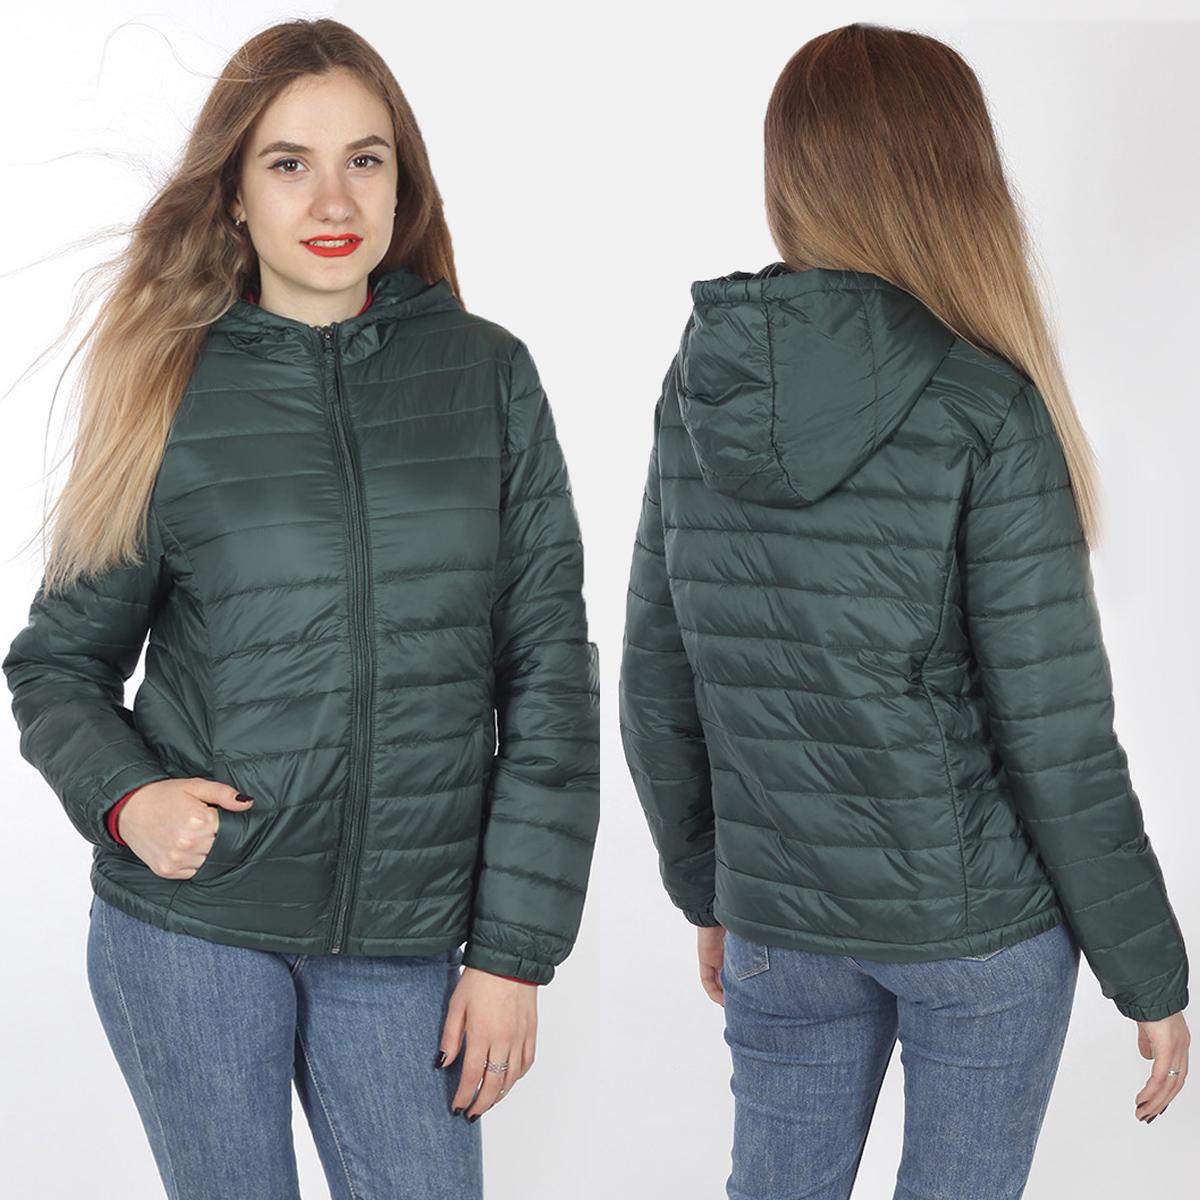 Очаровательная женская куртка от итальянского бренда Iwie